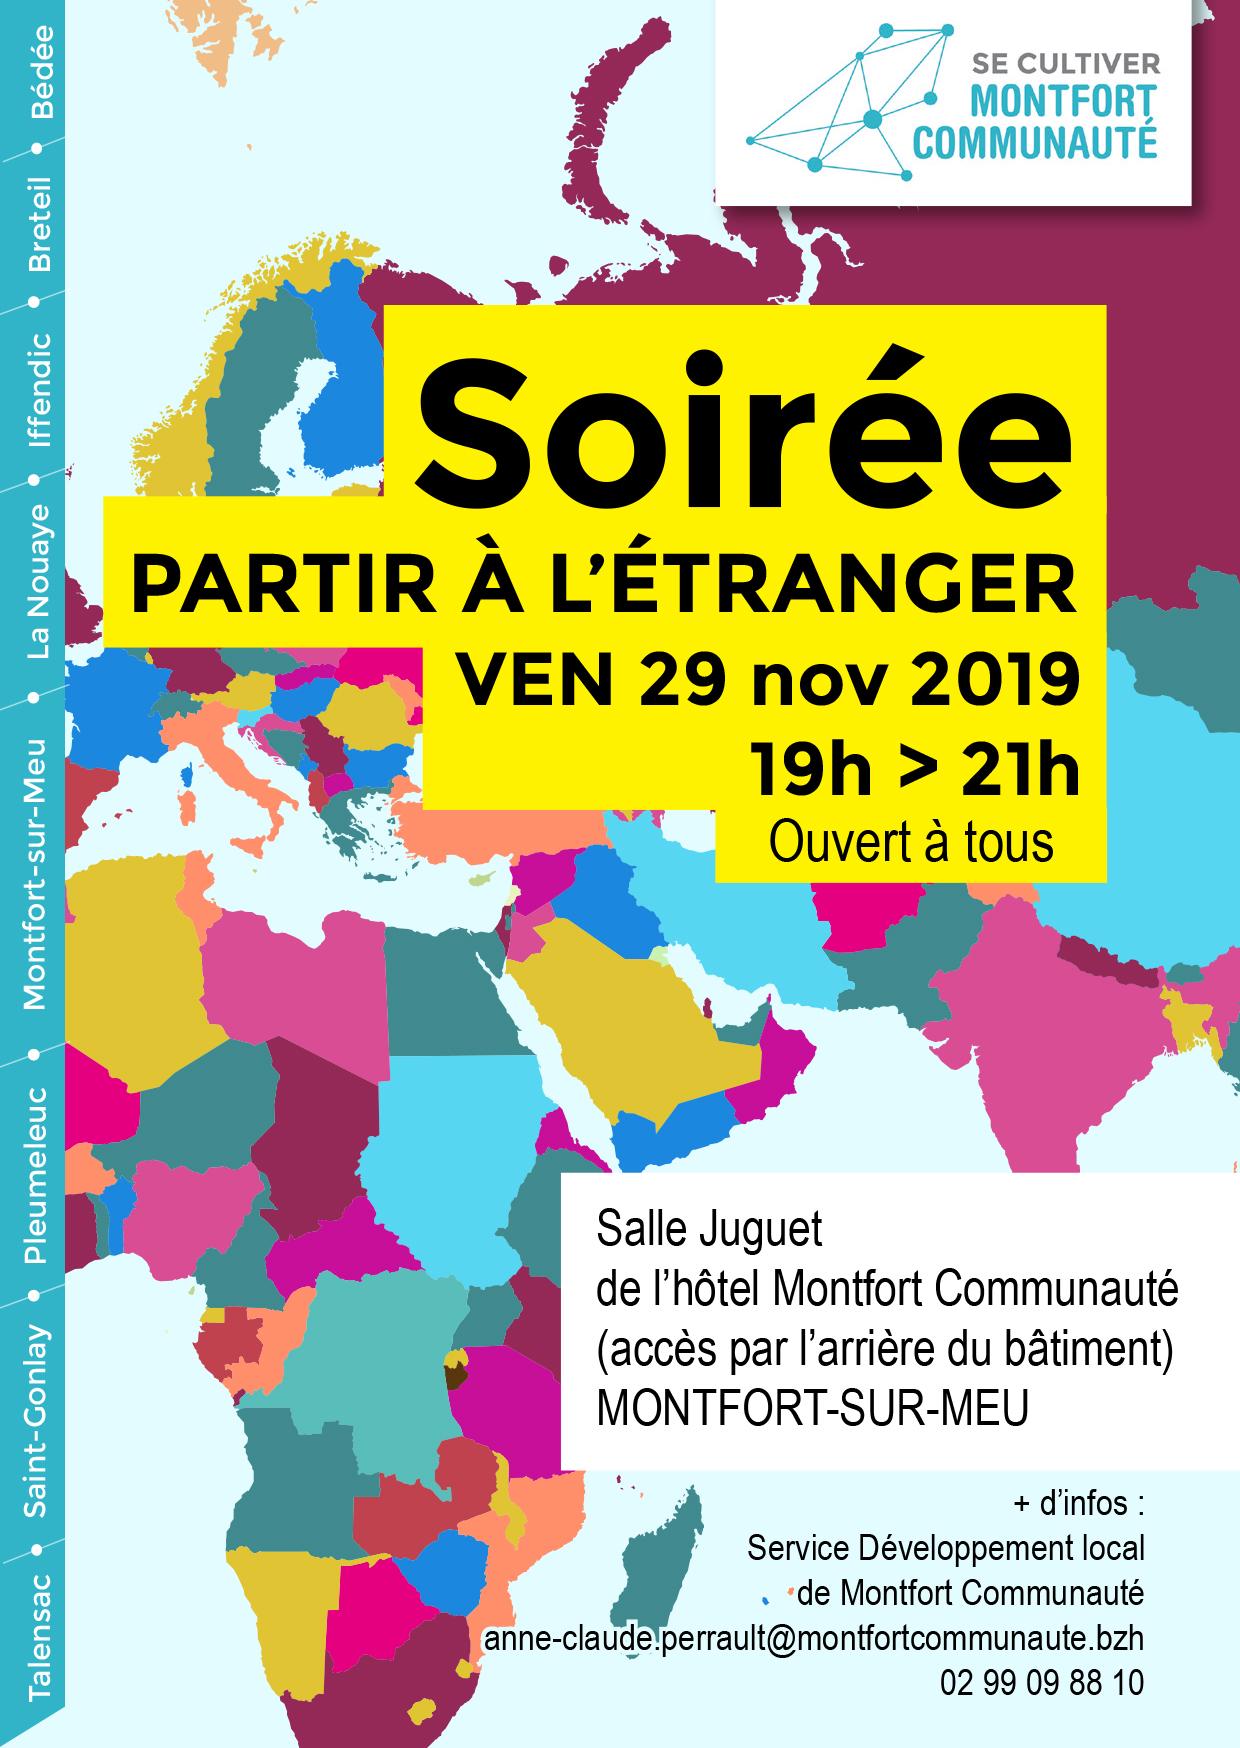 """Soirée """"Partir à l'étranger"""" @ Hôtel Montfort Communauté - Salle Juguet"""